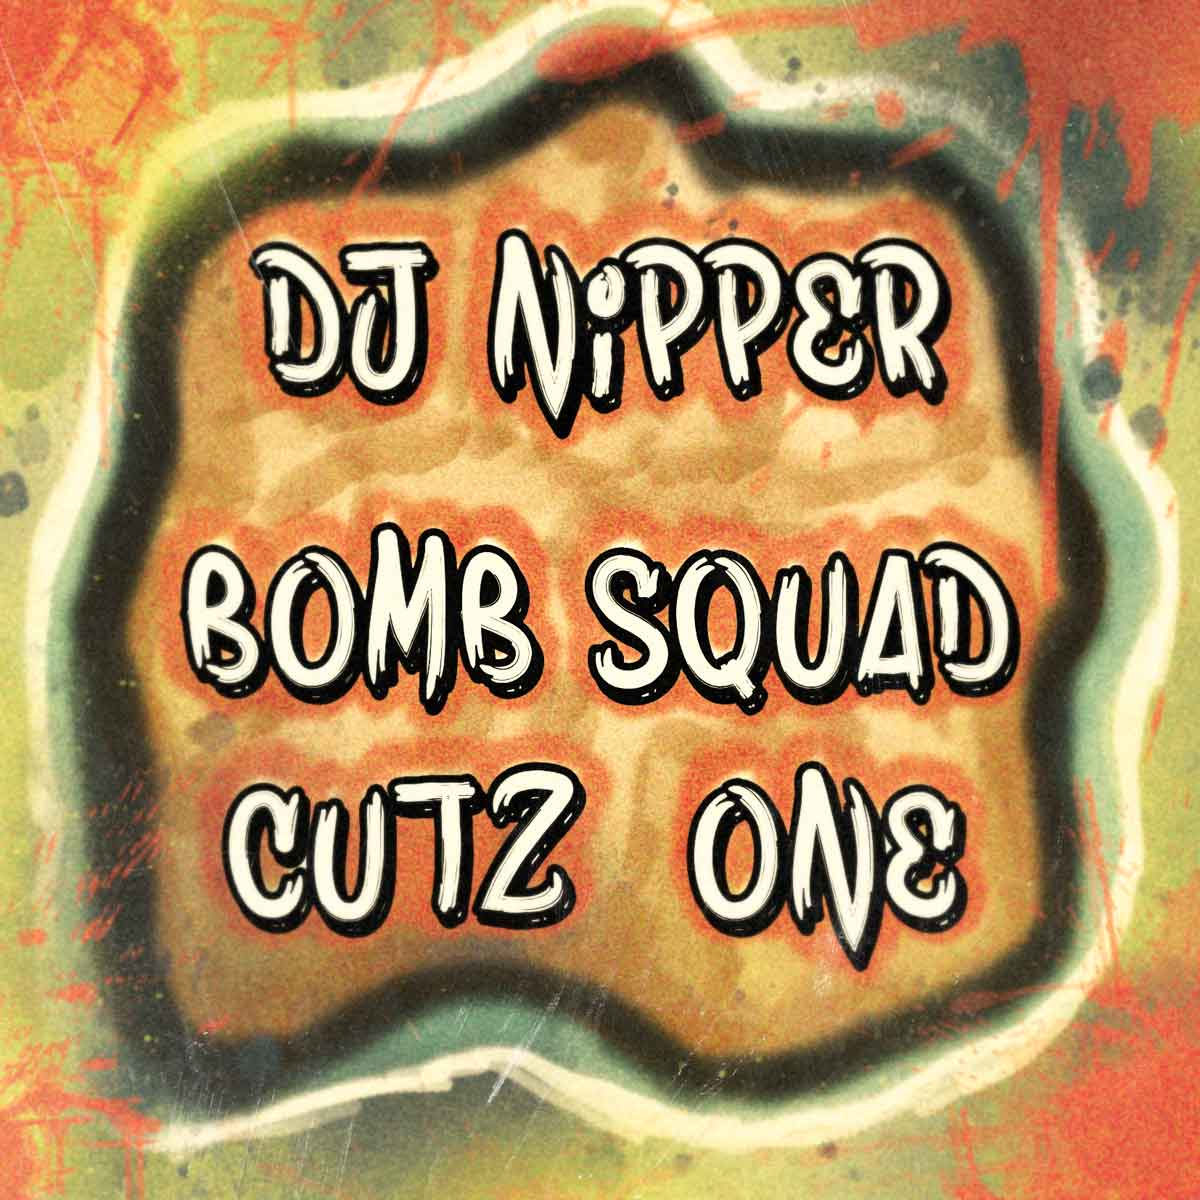 Bomb-Squad-Cutz-One1200